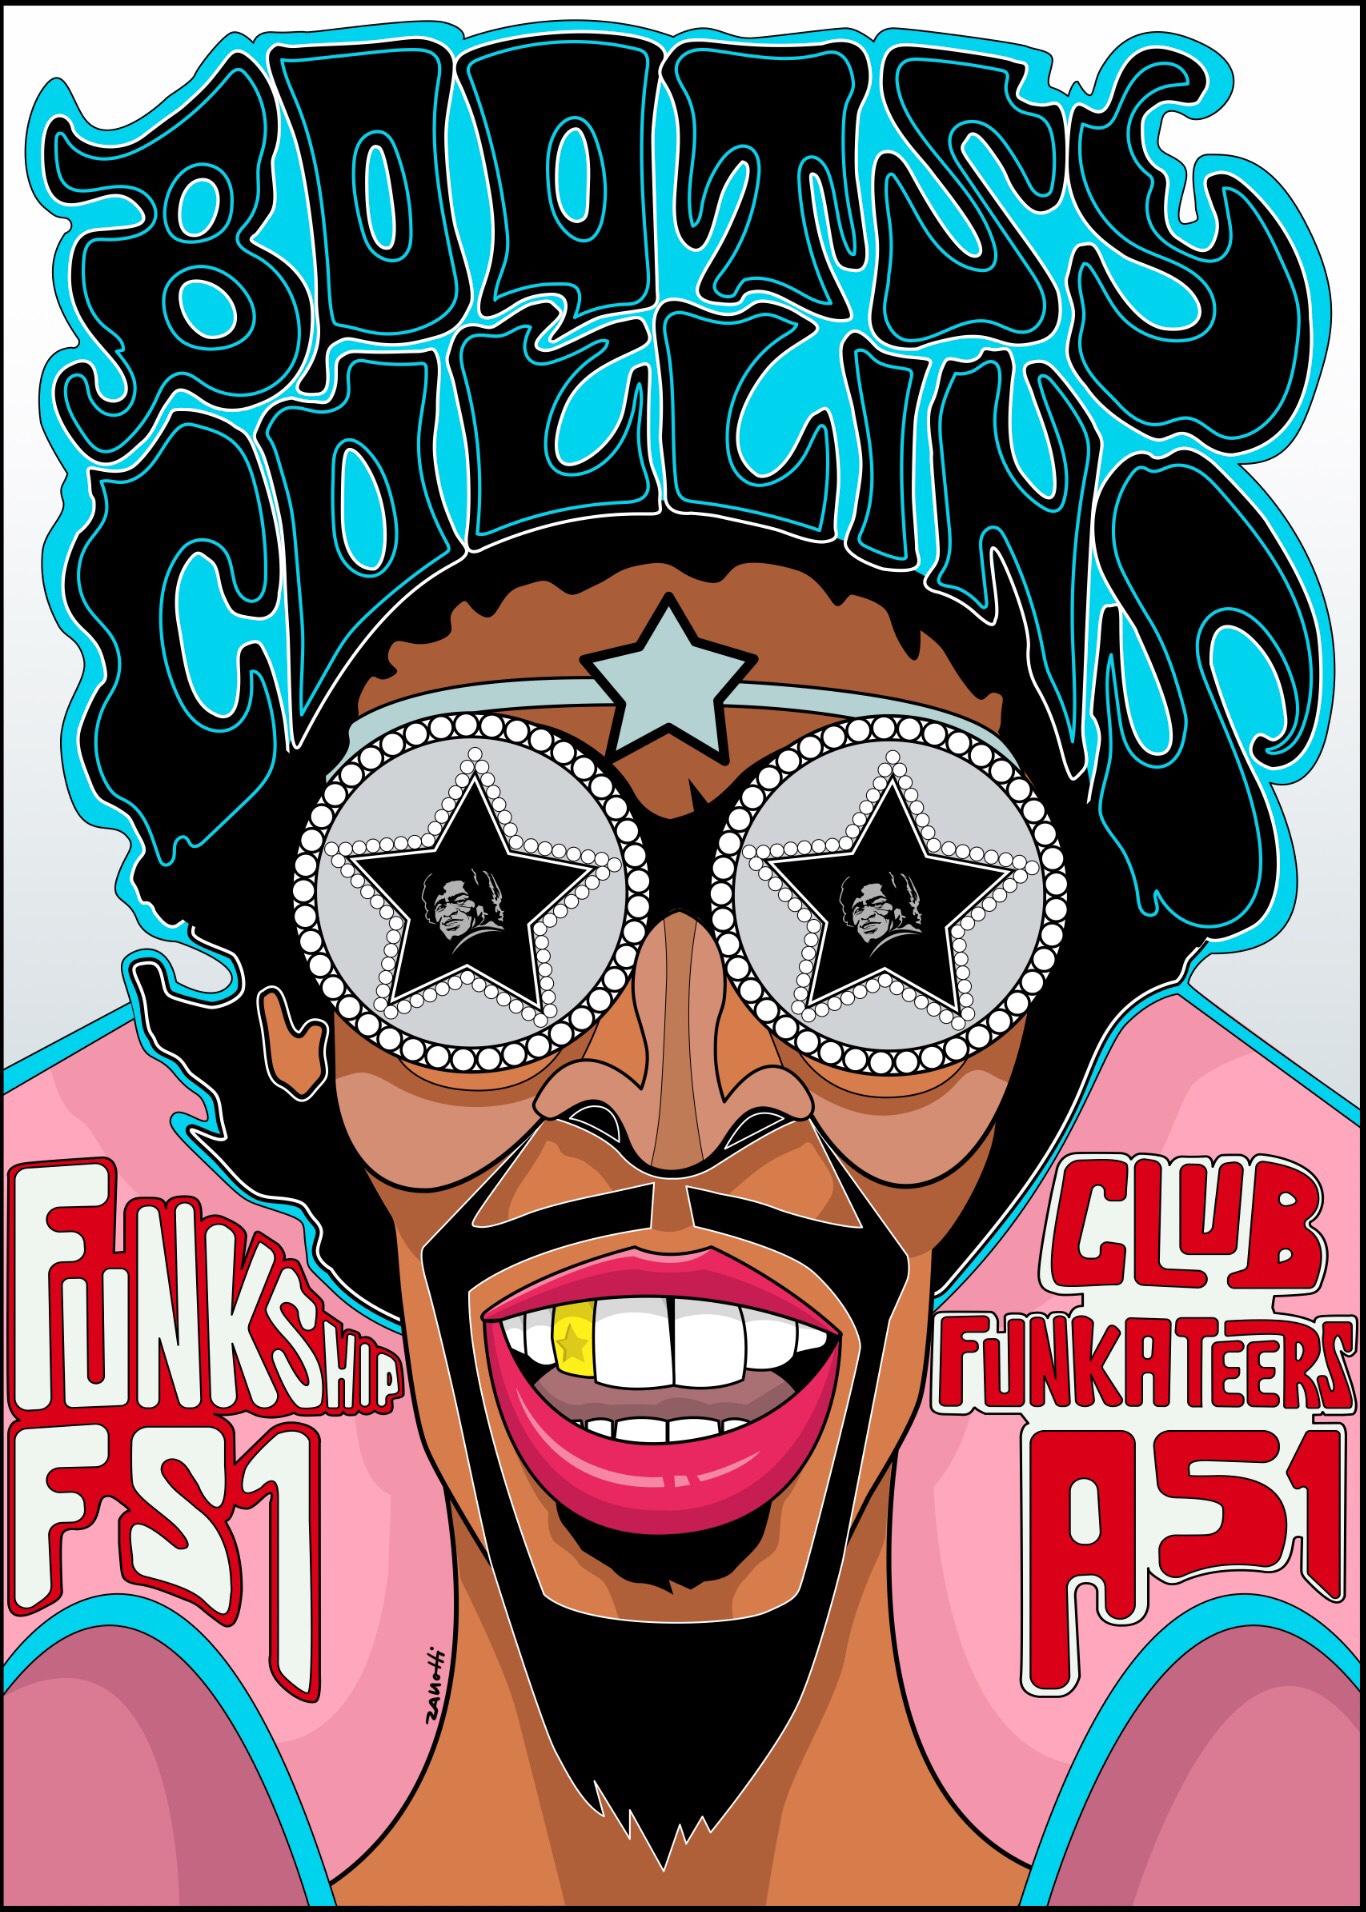 Club Funkateers Fan Page